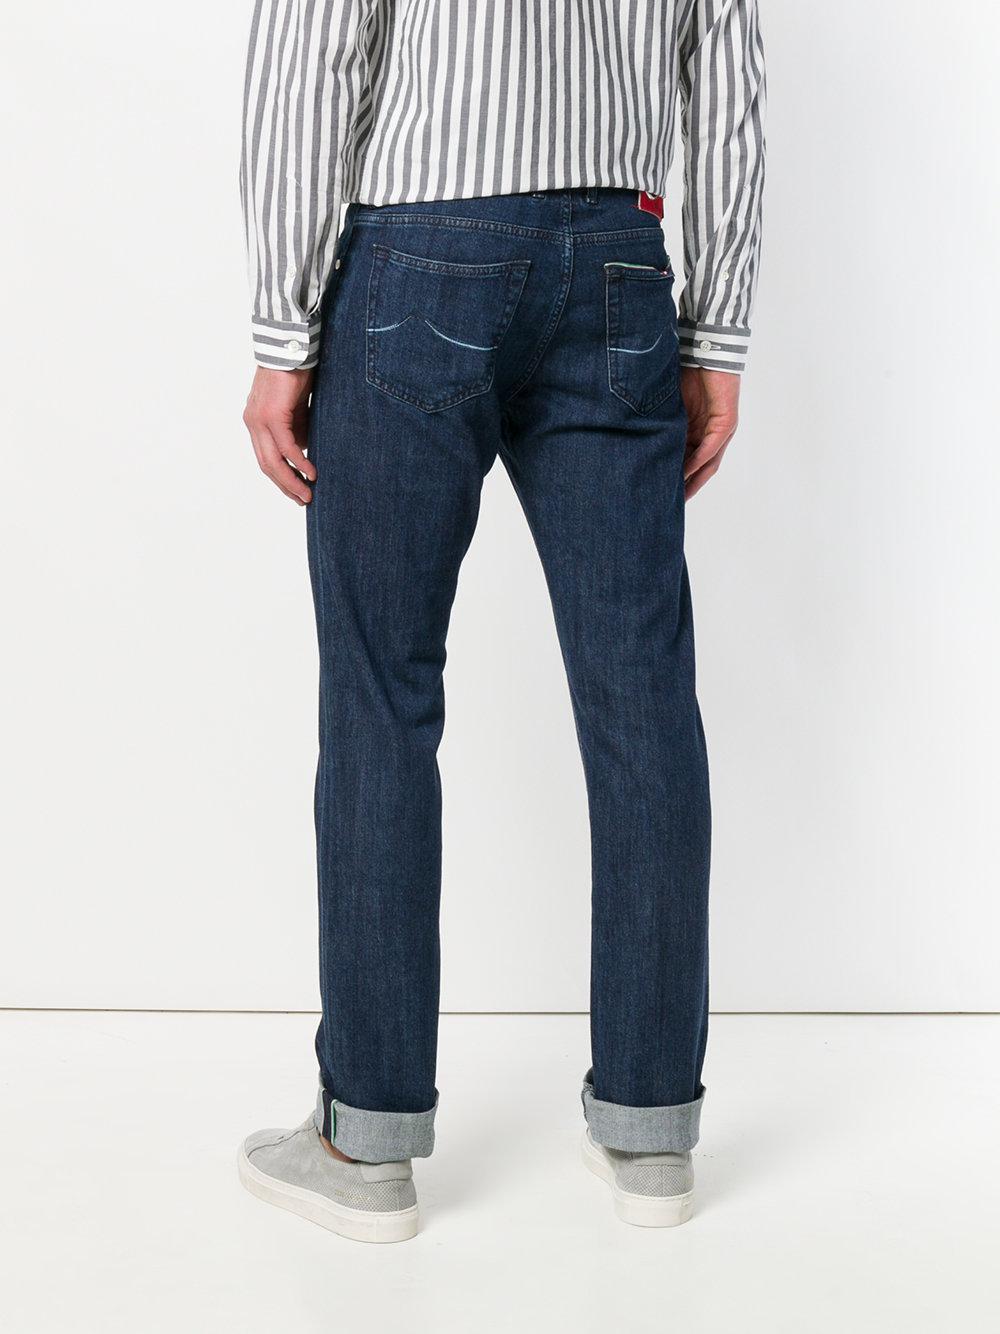 Jacob Cohen Denim Long Regular Jeans in Blue for Men